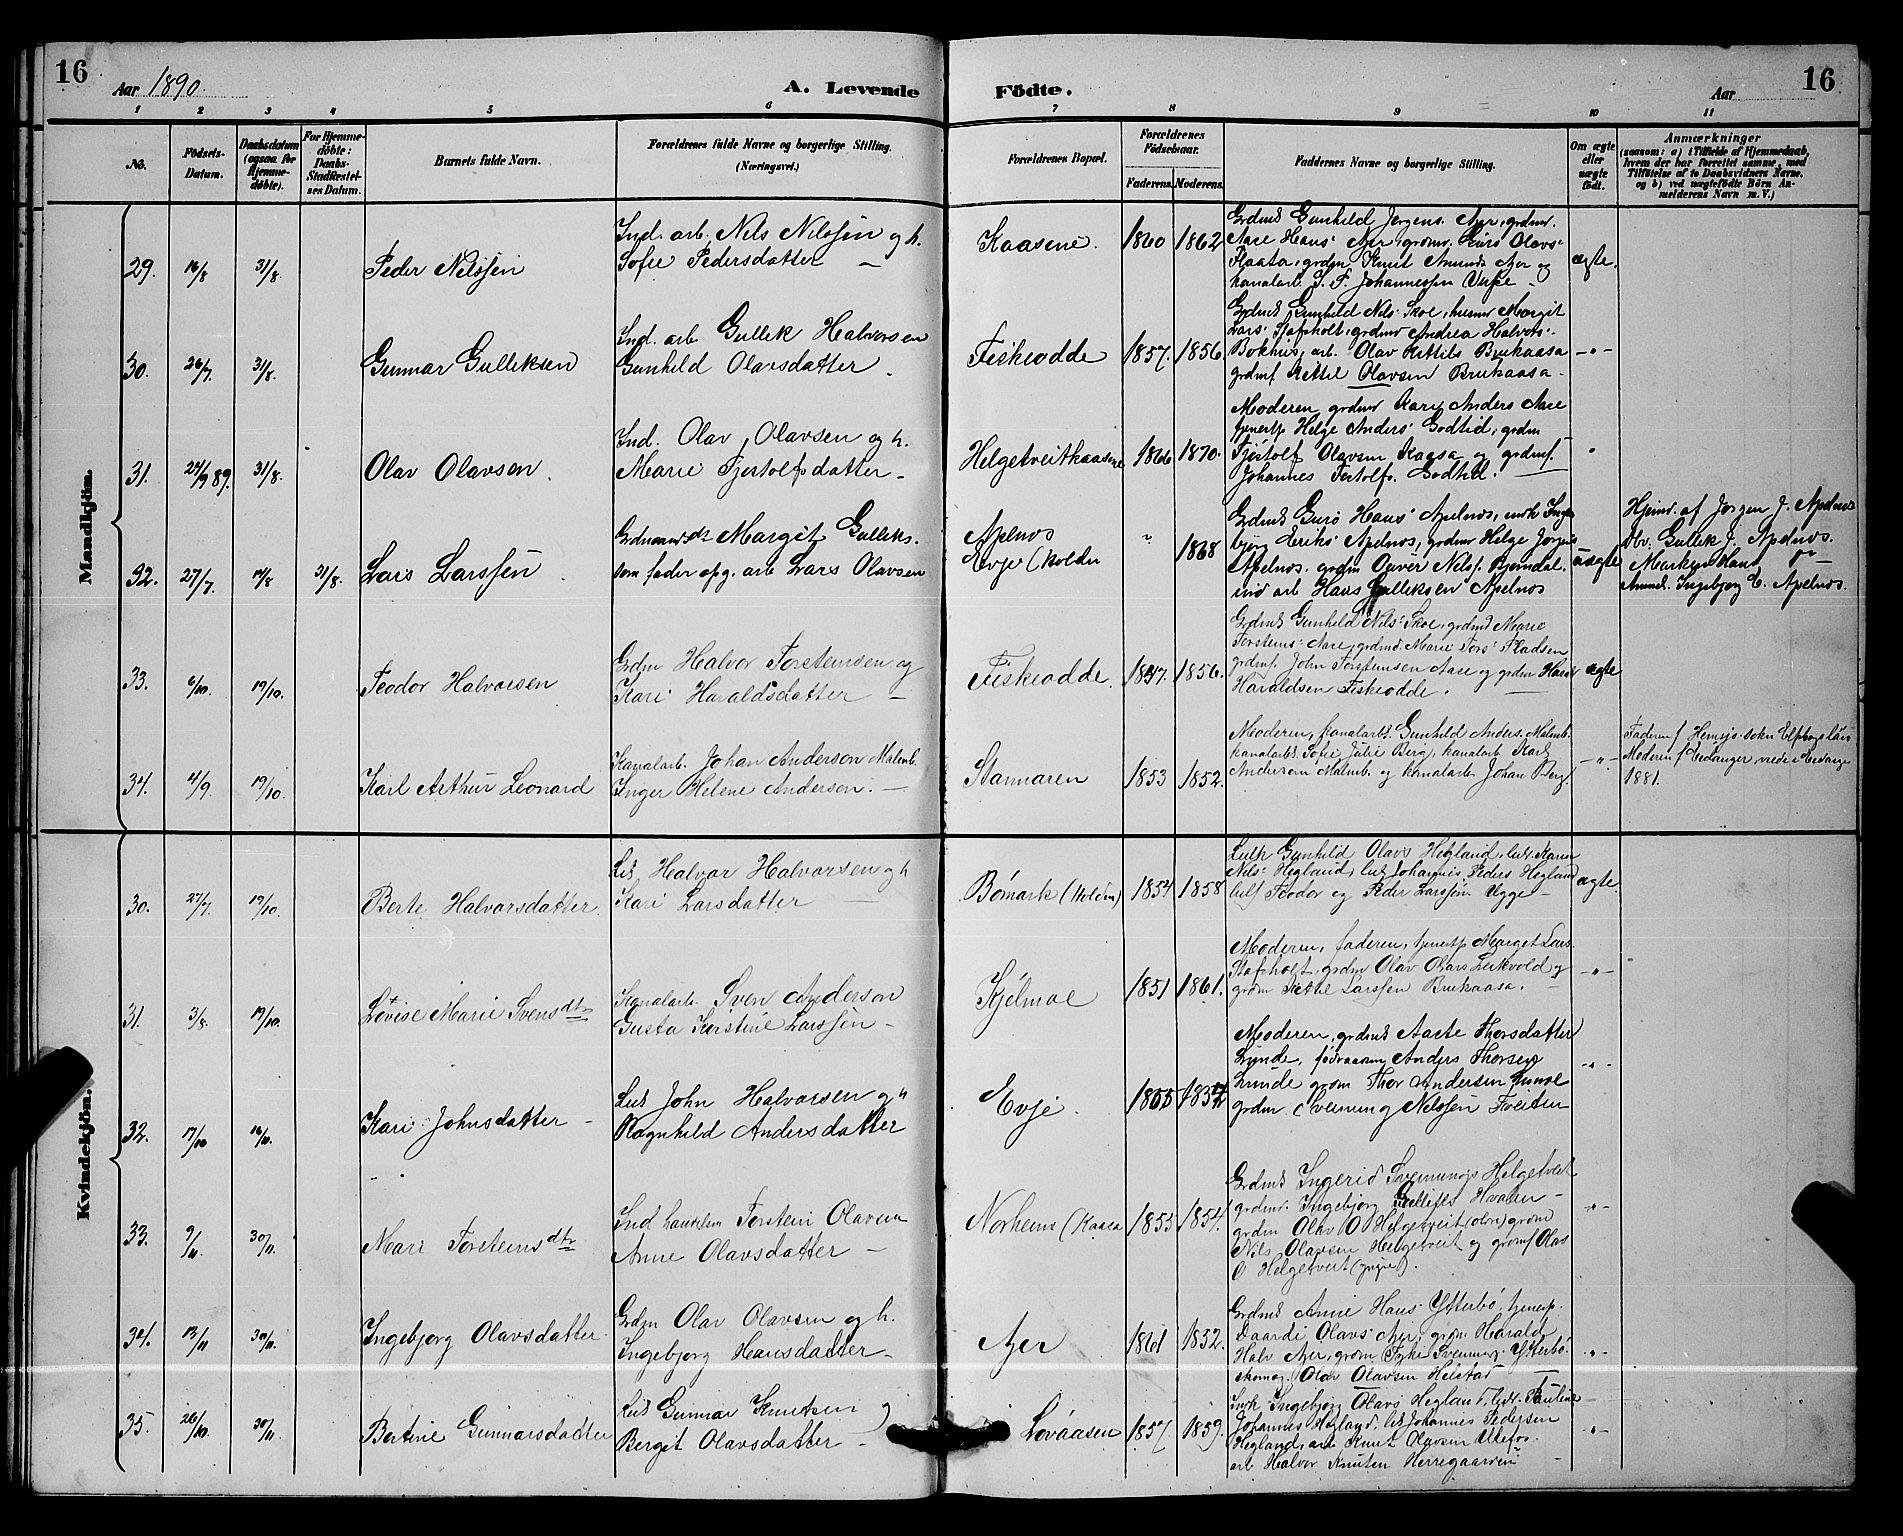 SAKO, Lunde kirkebøker, G/Ga/L0002: Klokkerbok nr. I 2, 1887-1896, s. 16